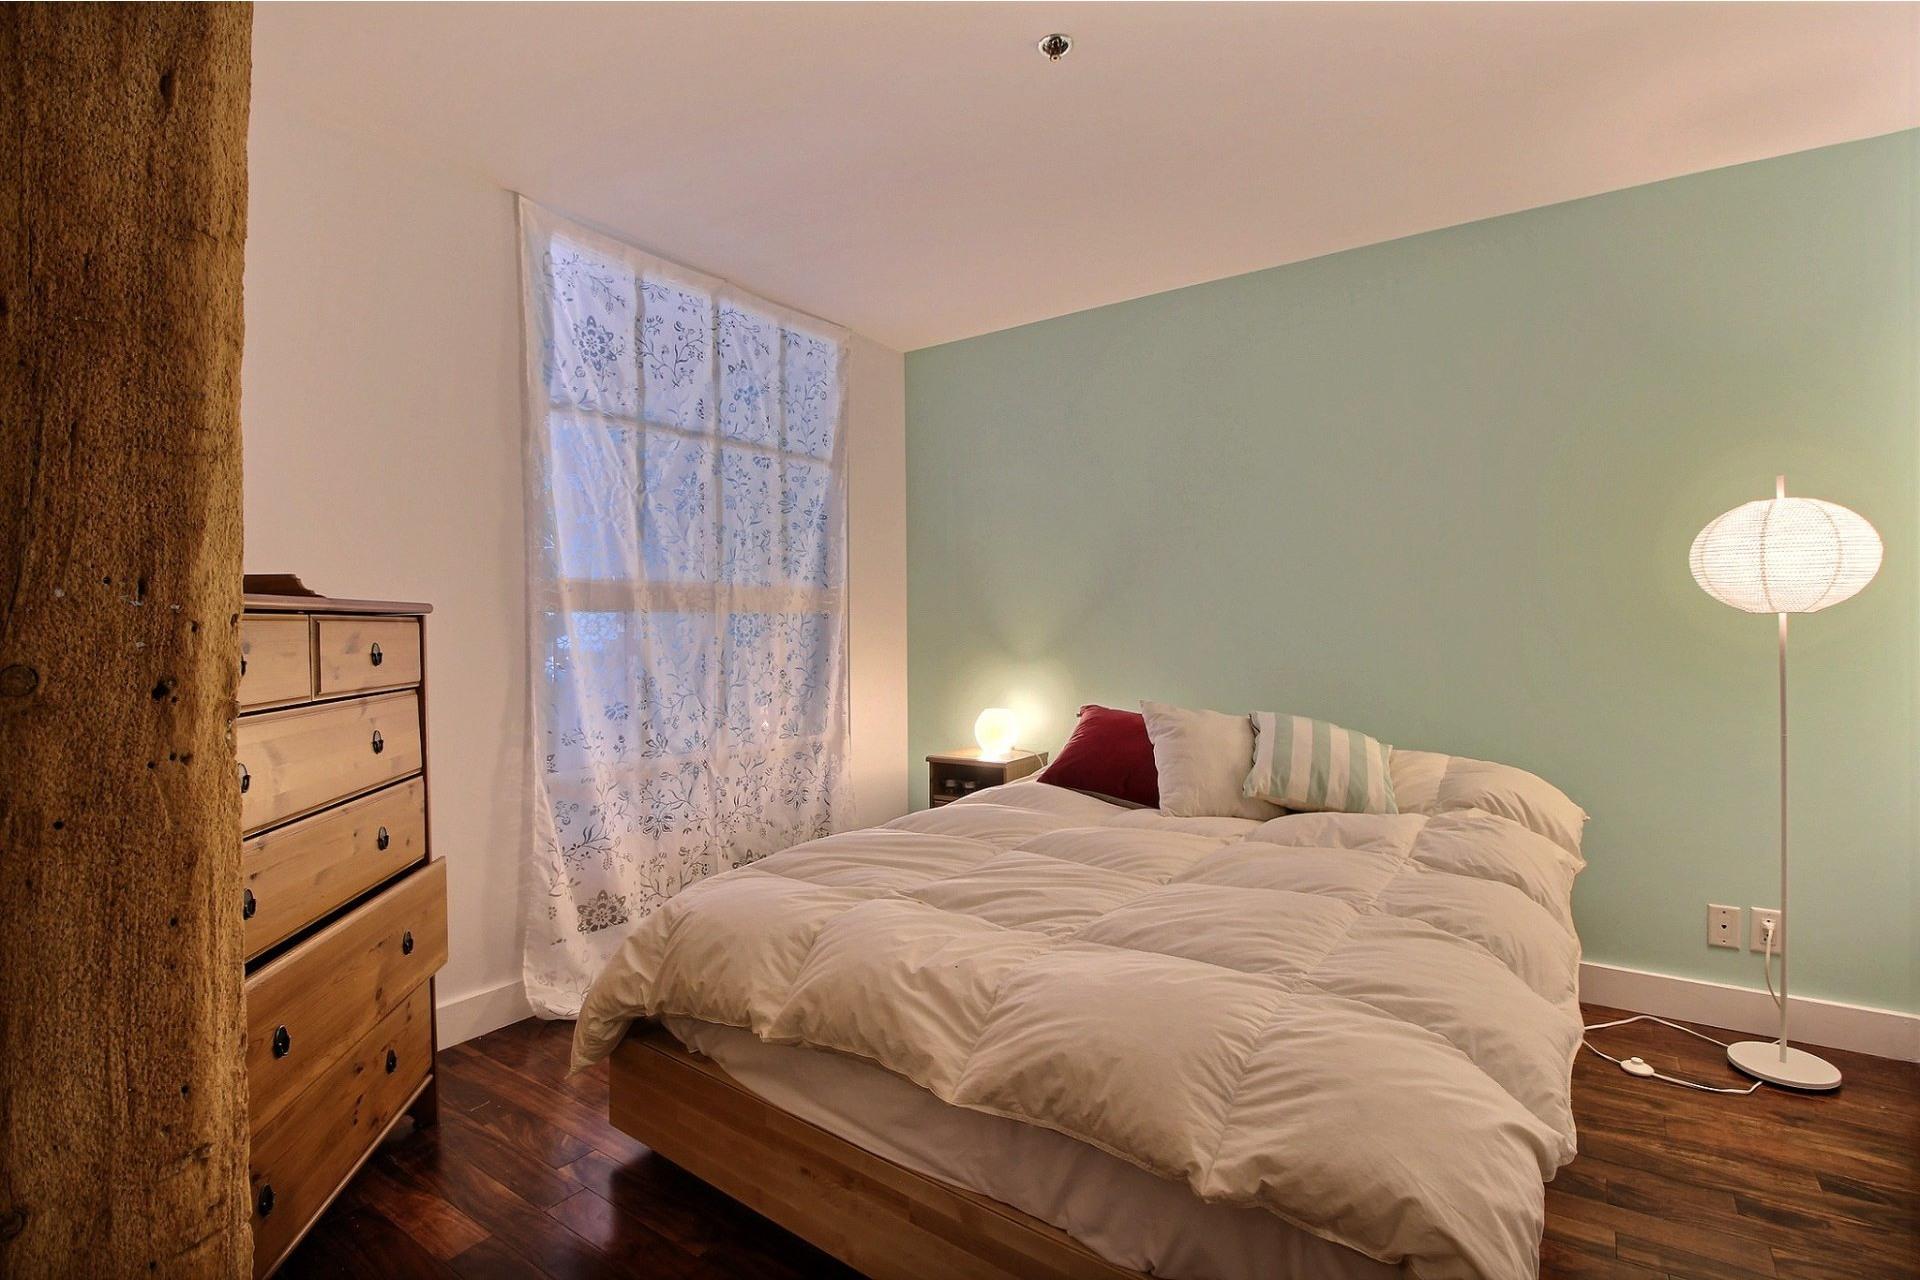 image 9 - Apartment For rent Montréal Mercier/Hochelaga-Maisonneuve  - 5 rooms